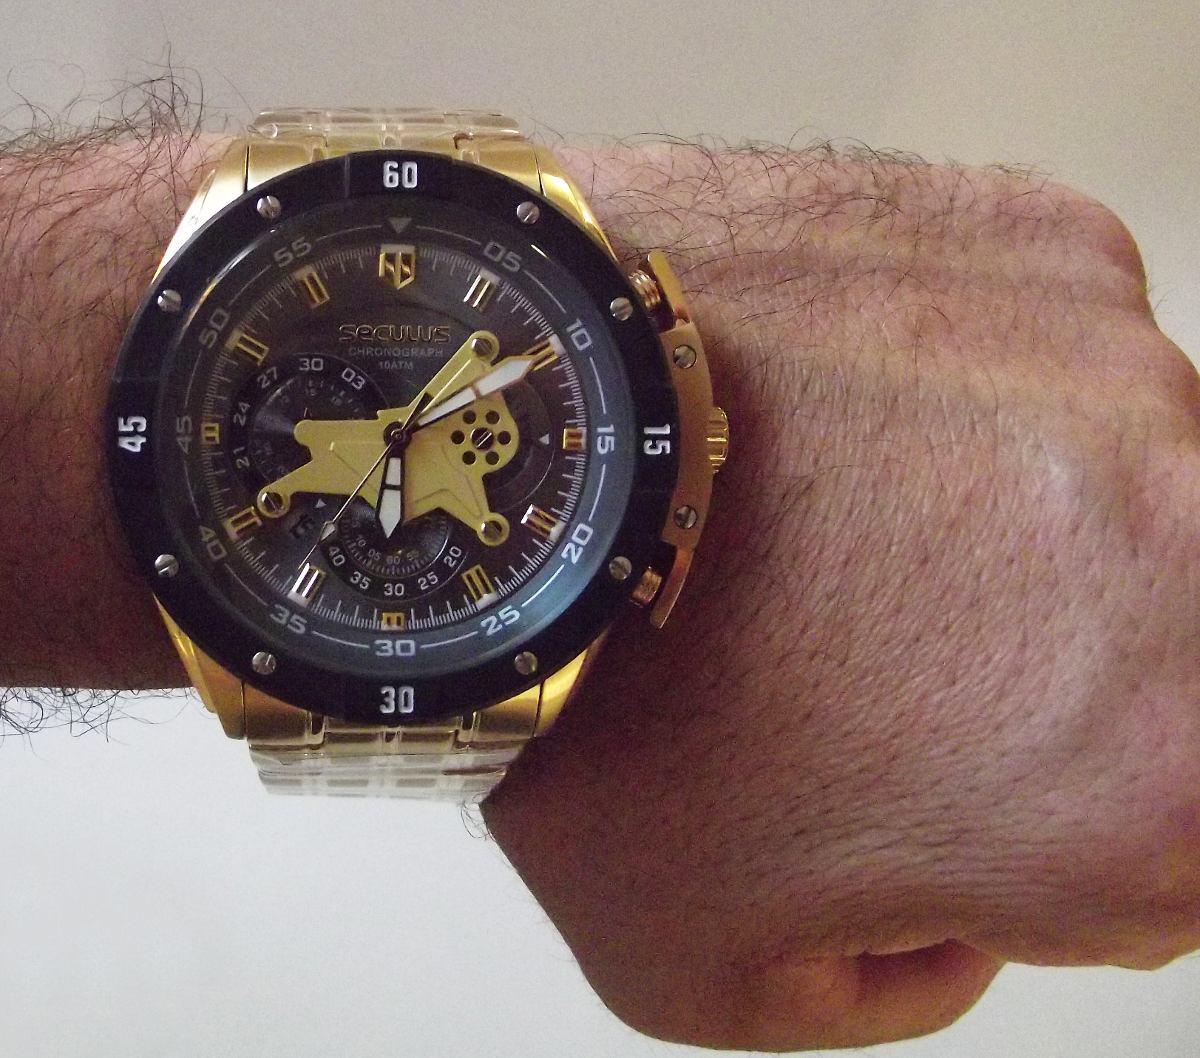 7e917d0aab8 Relogio Masculino Seculus Dourado Lançamento Caixa Grande - R  450 ...